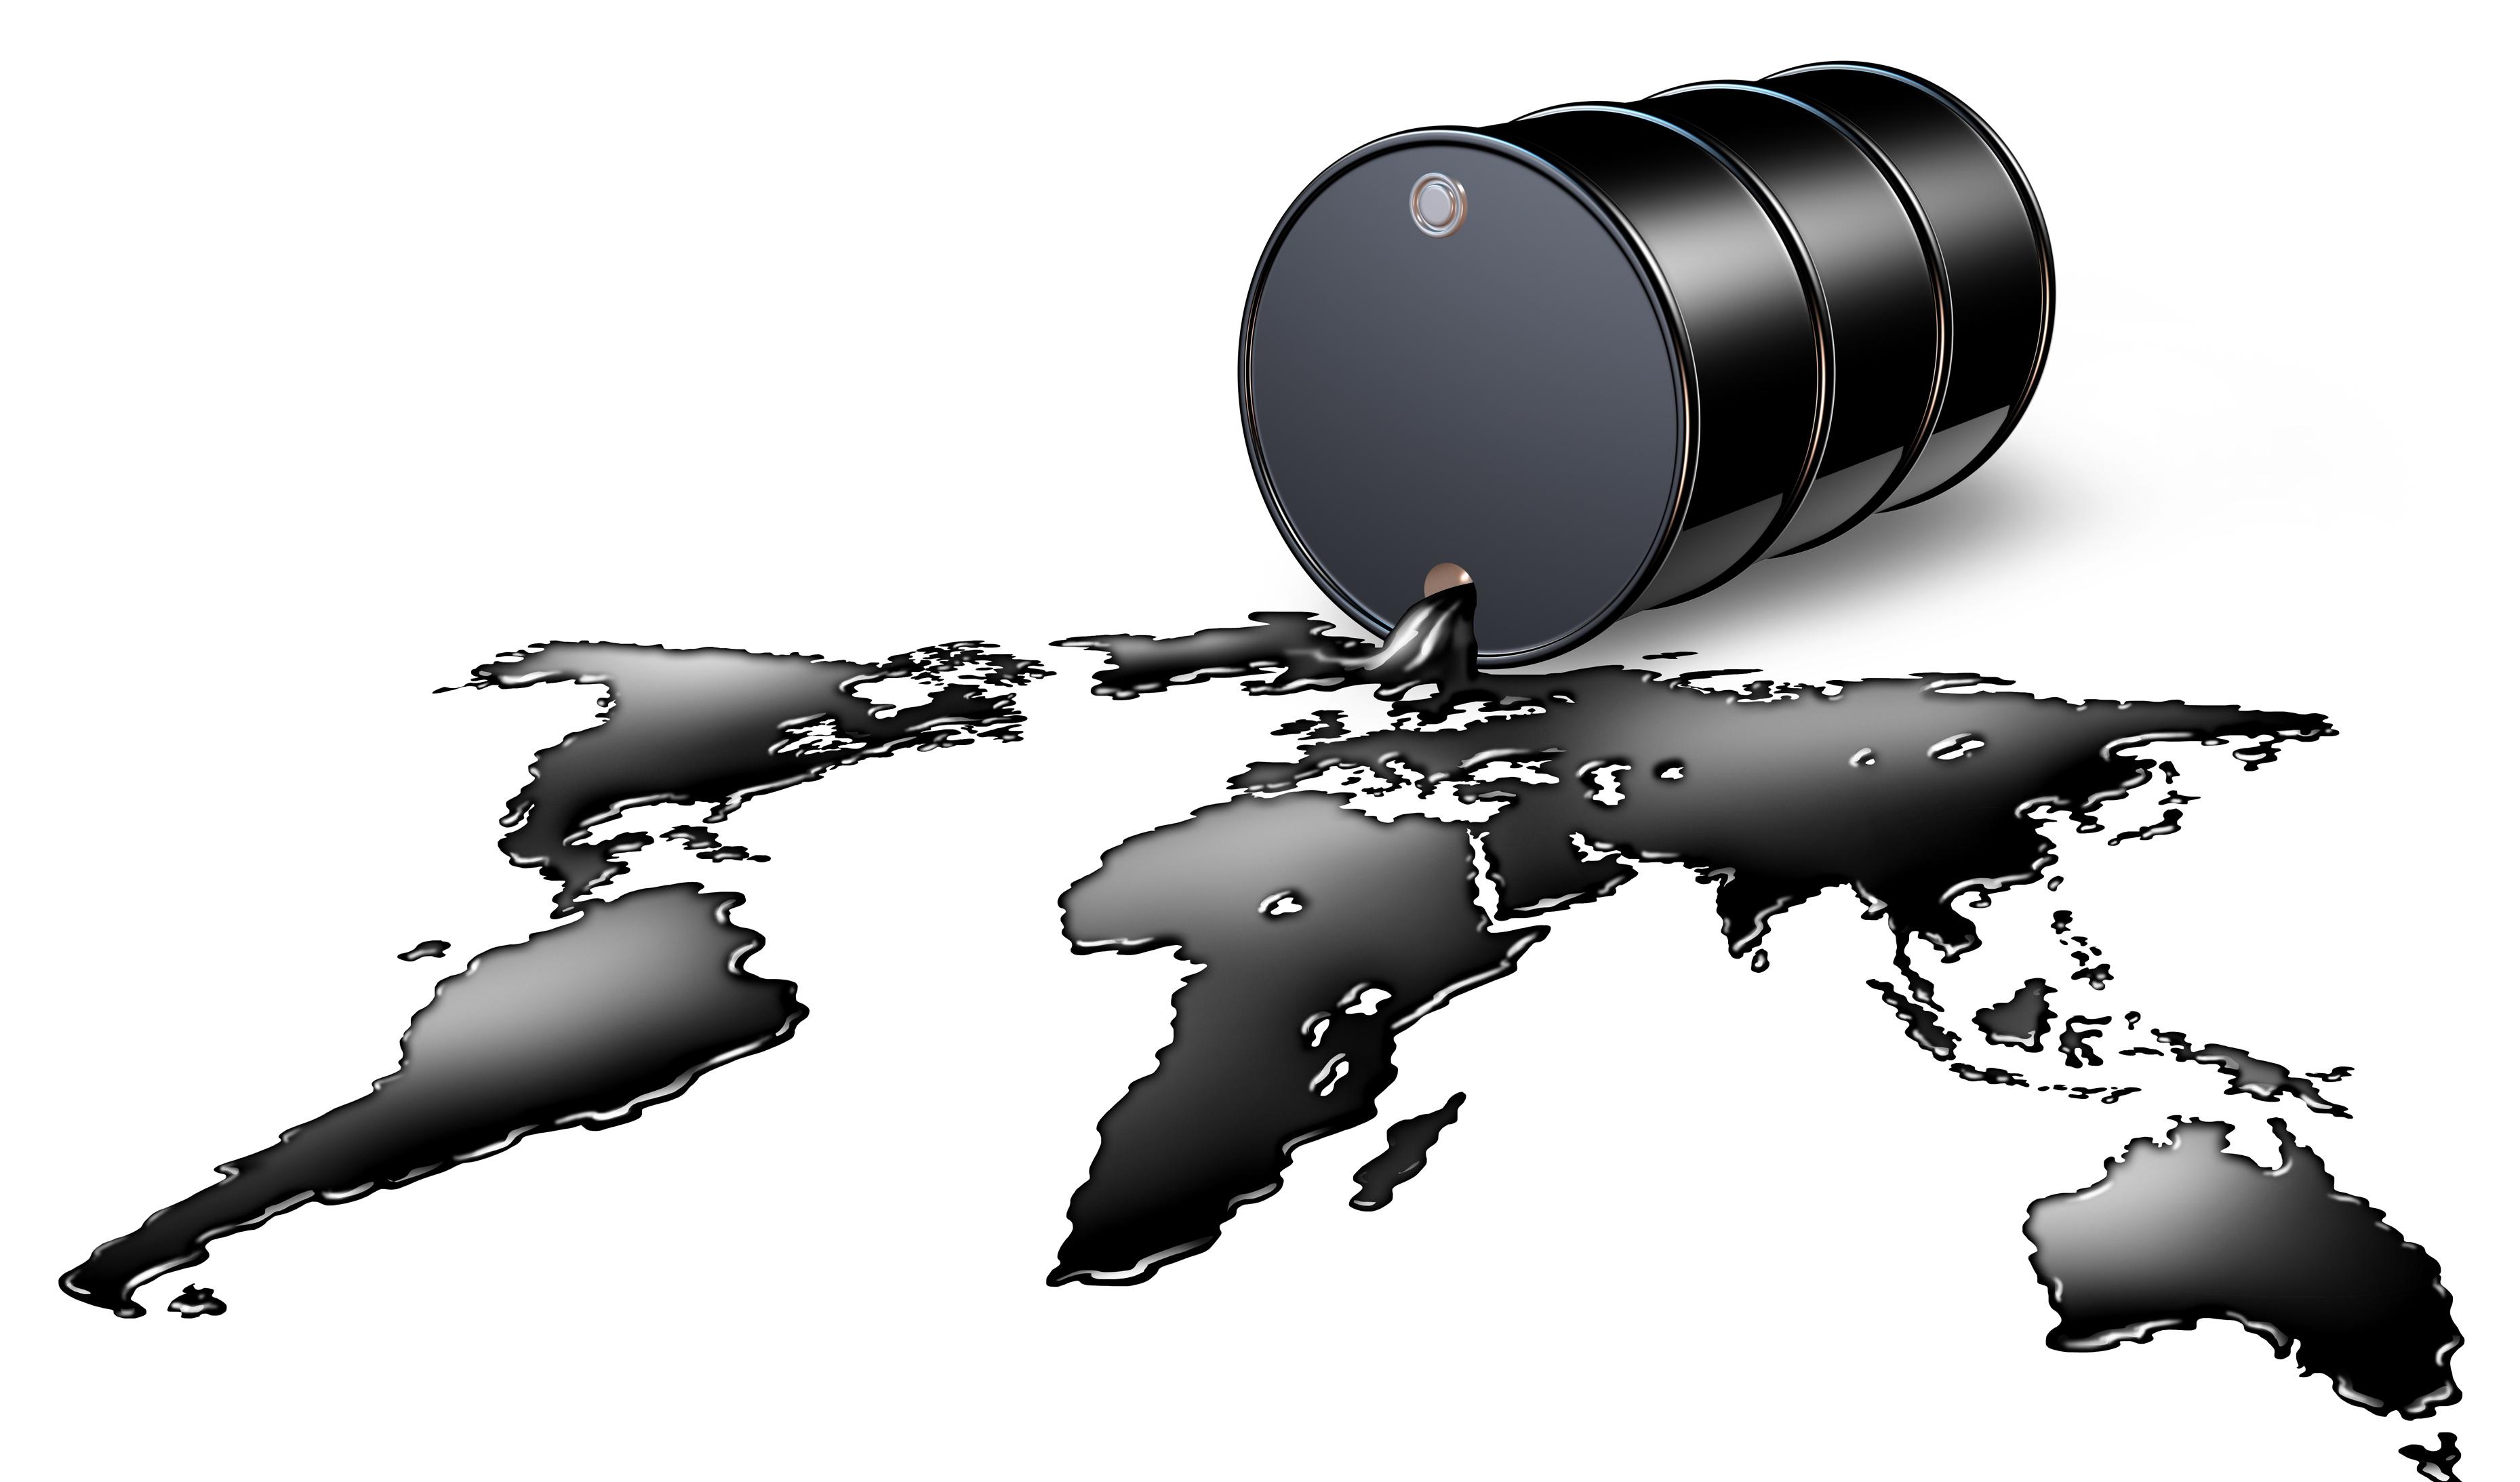 واردات نفت ژاپن از ایران چقدر کاهش یافت؟